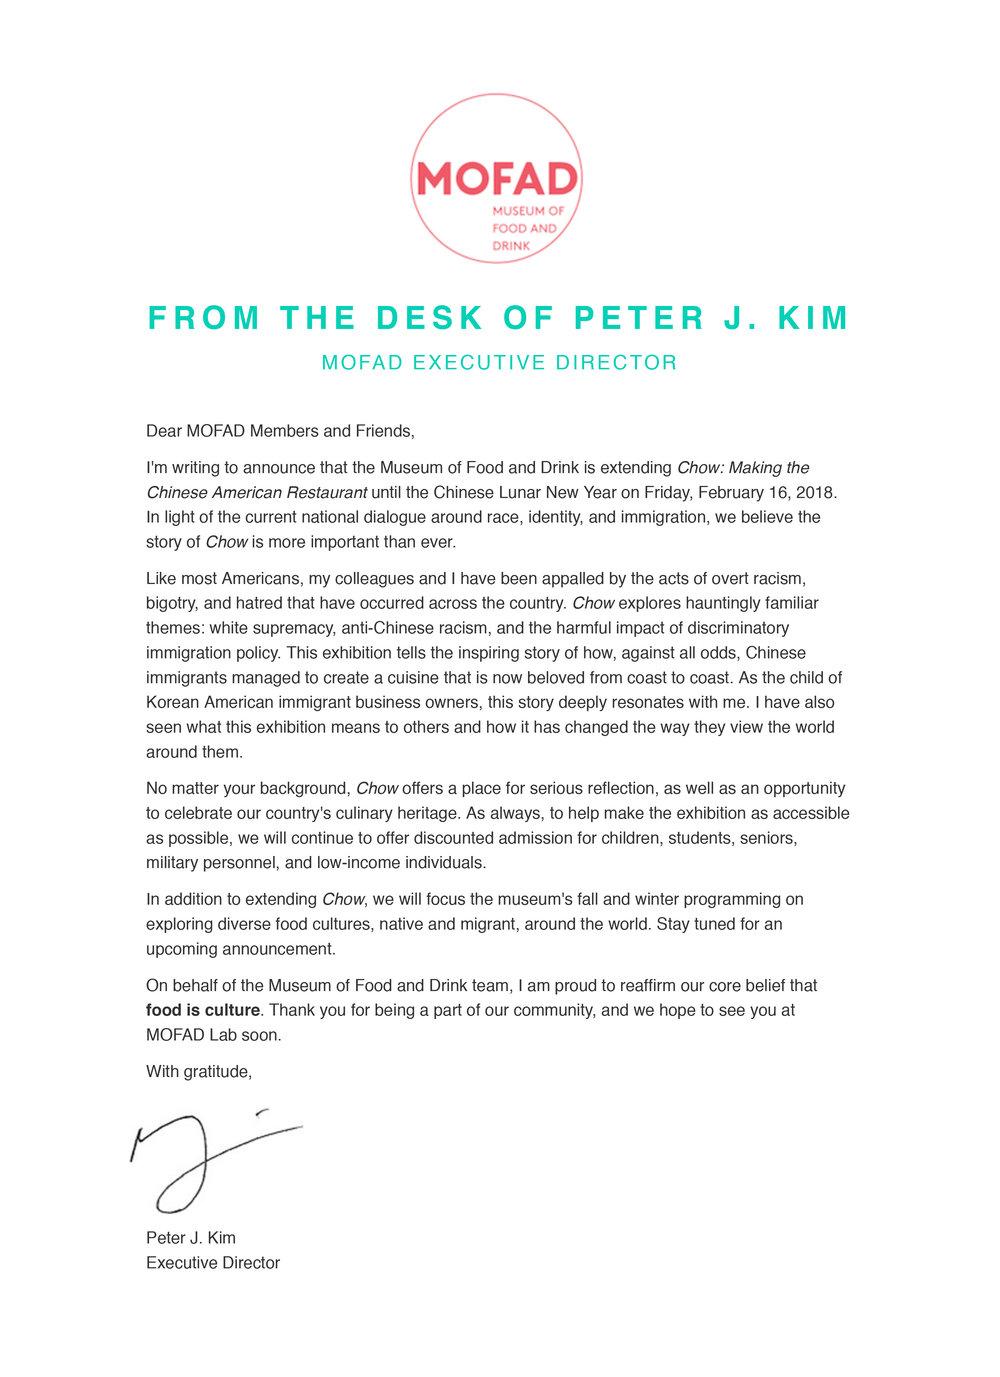 20170830 Chow Announcement.jpg